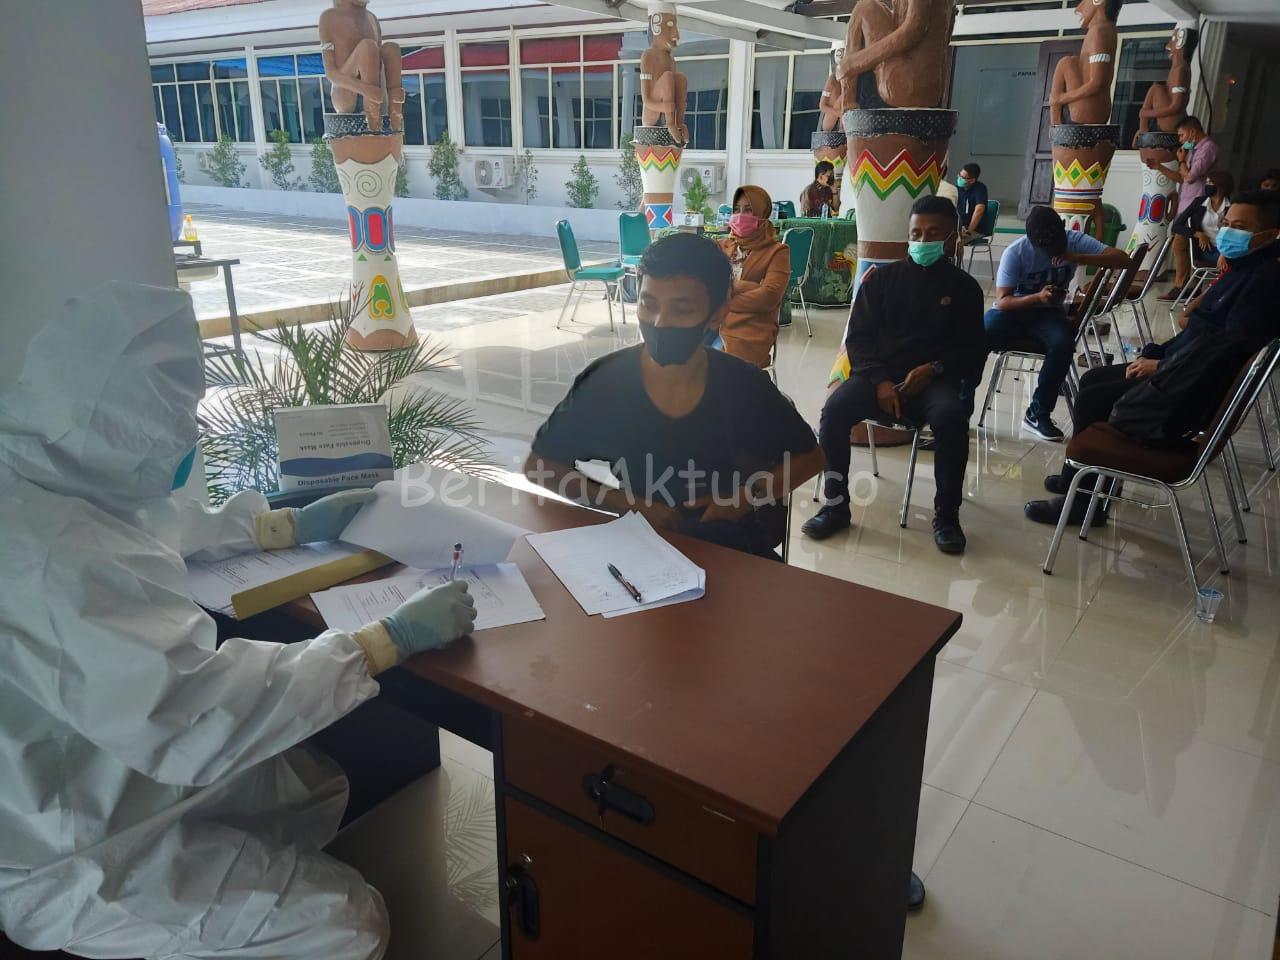 Hari Kedua, Kejati Papua Barat Buka Pemeriksaan Swab Gratis Untuk Masyarakat 27 IMG 20200612 WA0033